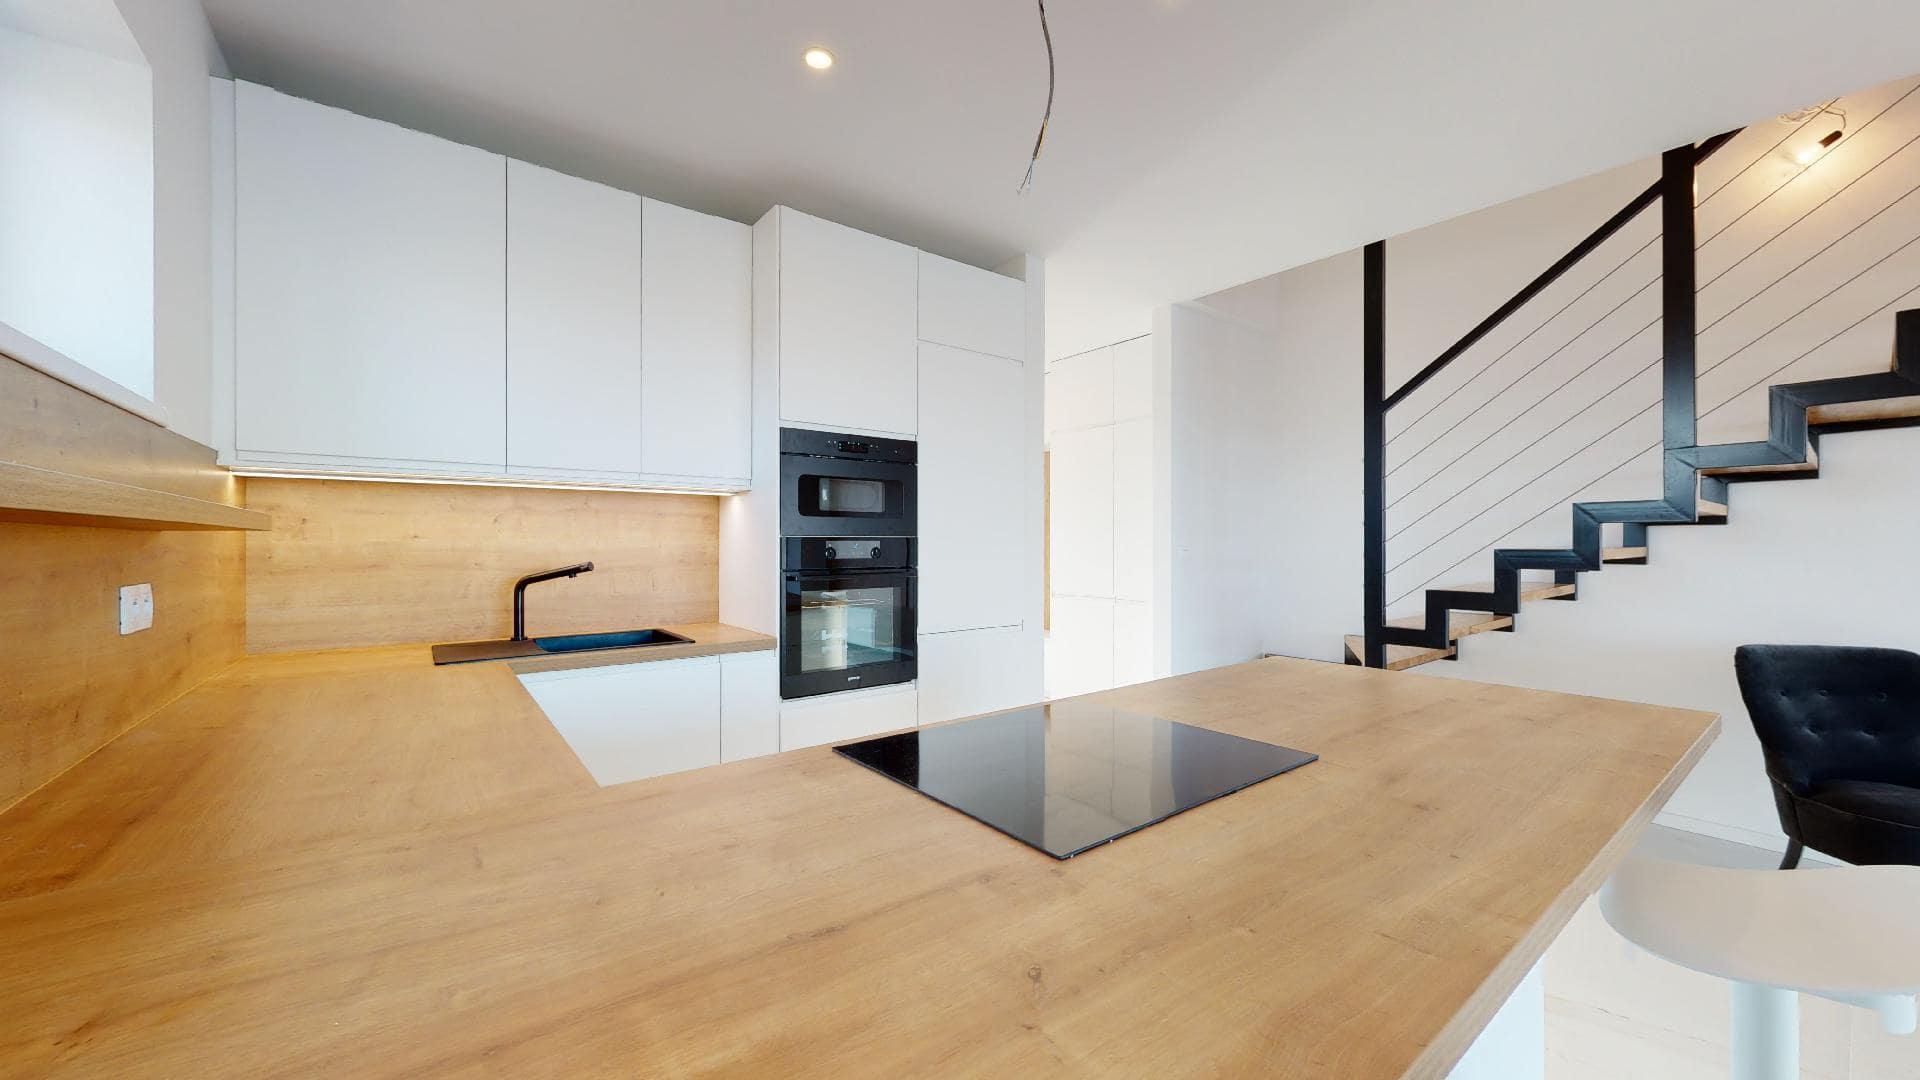 Rekreačné domy - interiér - kuchyňa | Oáza pokoja